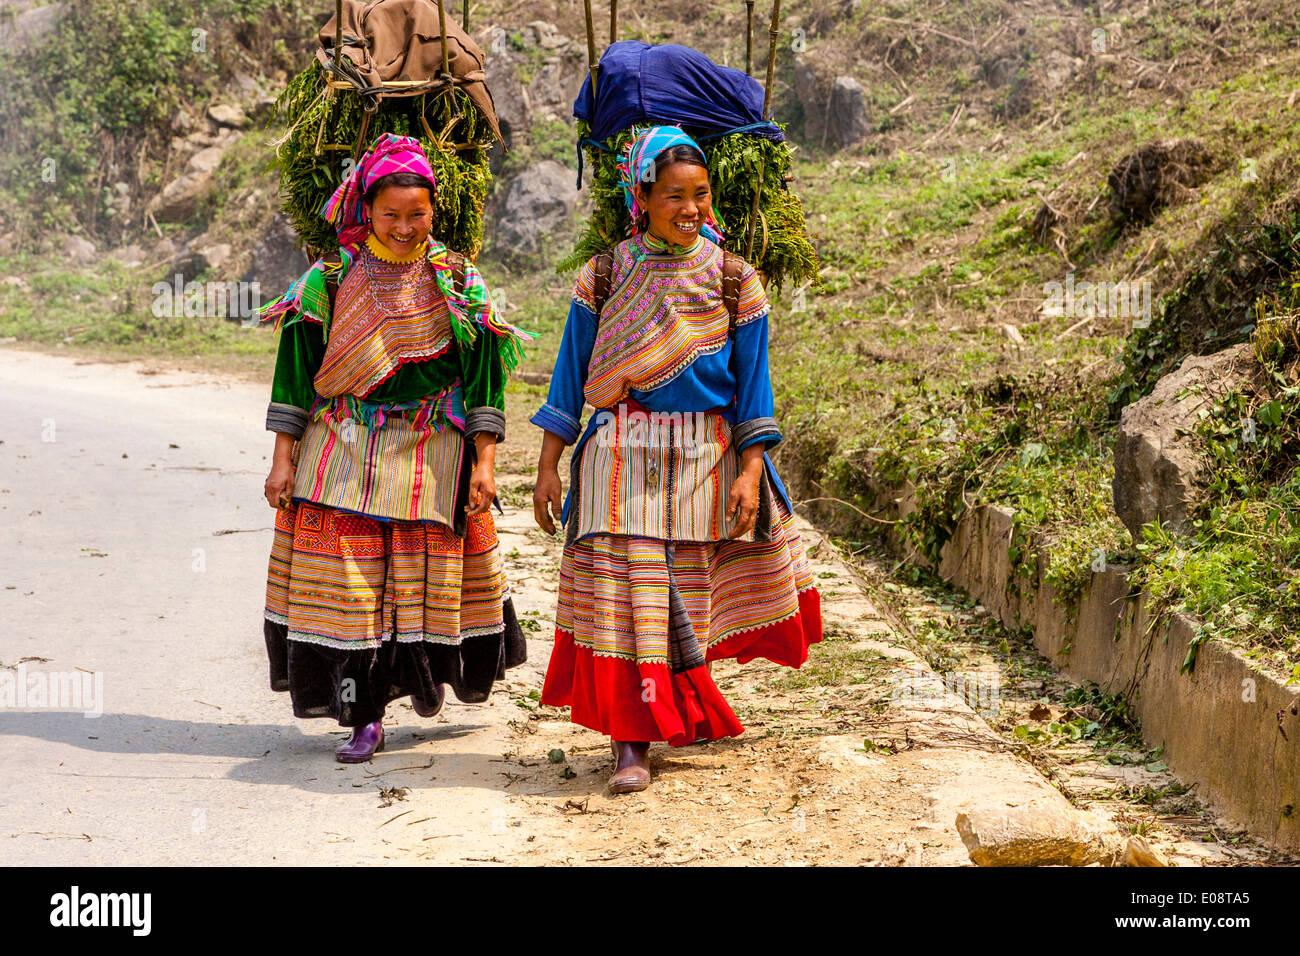 Las mujeres jóvenes de la etnia Hmong flor en su camino al mercado, Bac Ha, provincia de Lao Cai, Vietnam Imagen De Stock